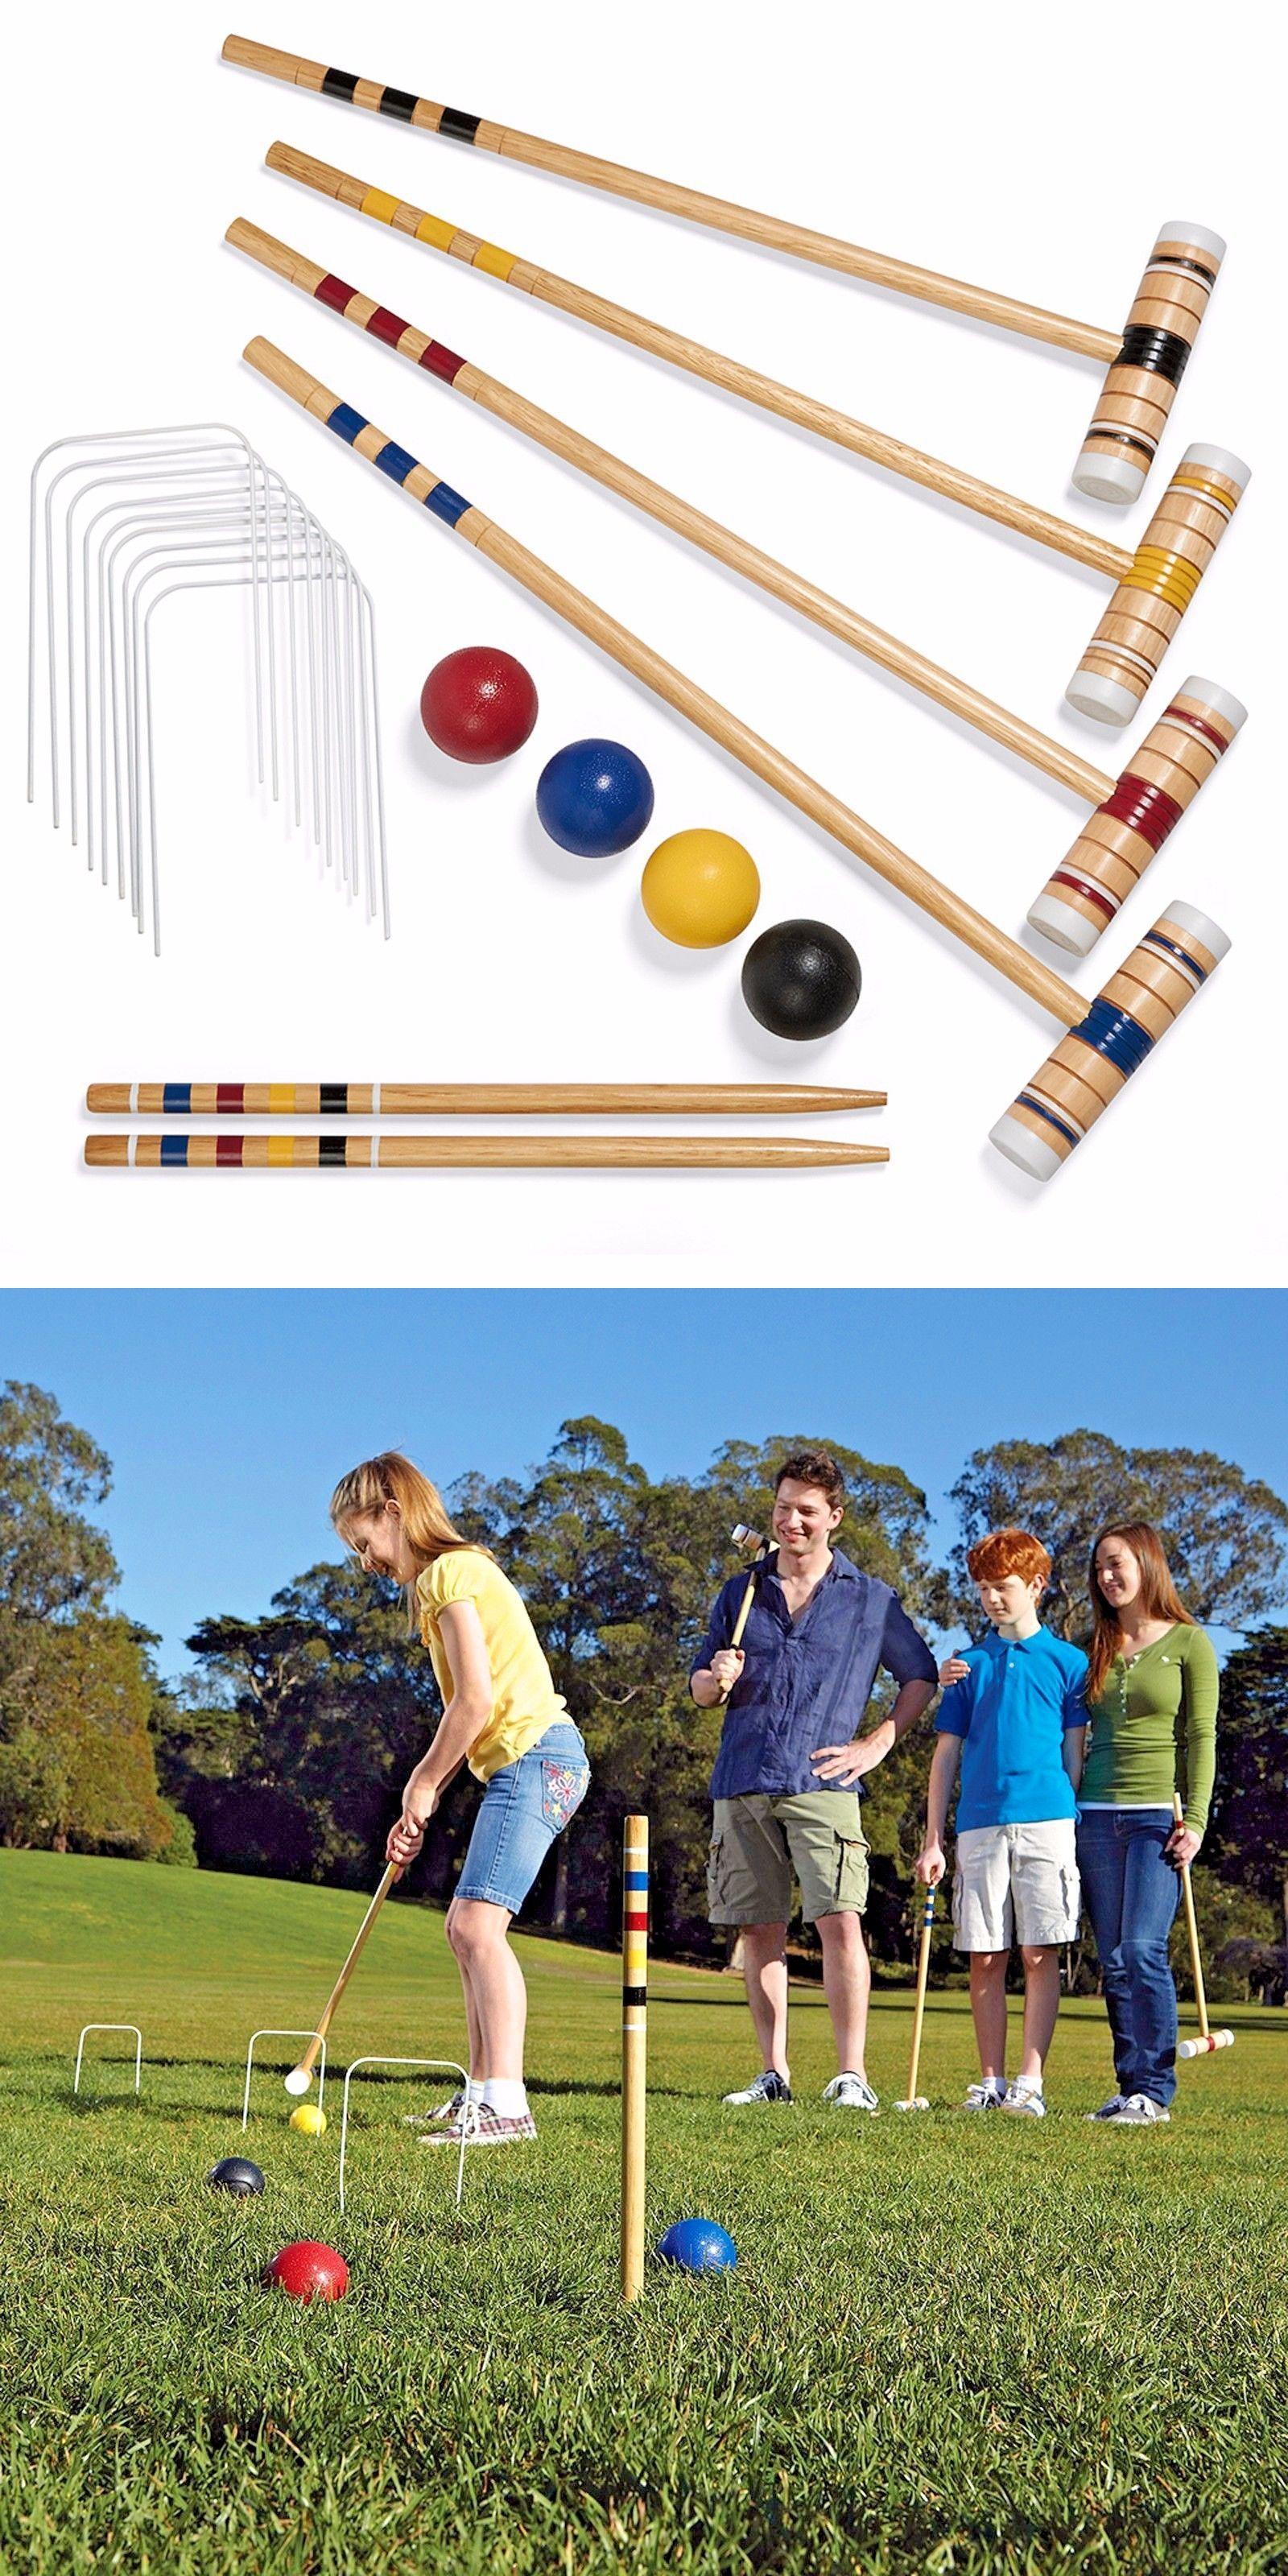 croquet 117210 ozark trail croquet set 4 person wood picnics